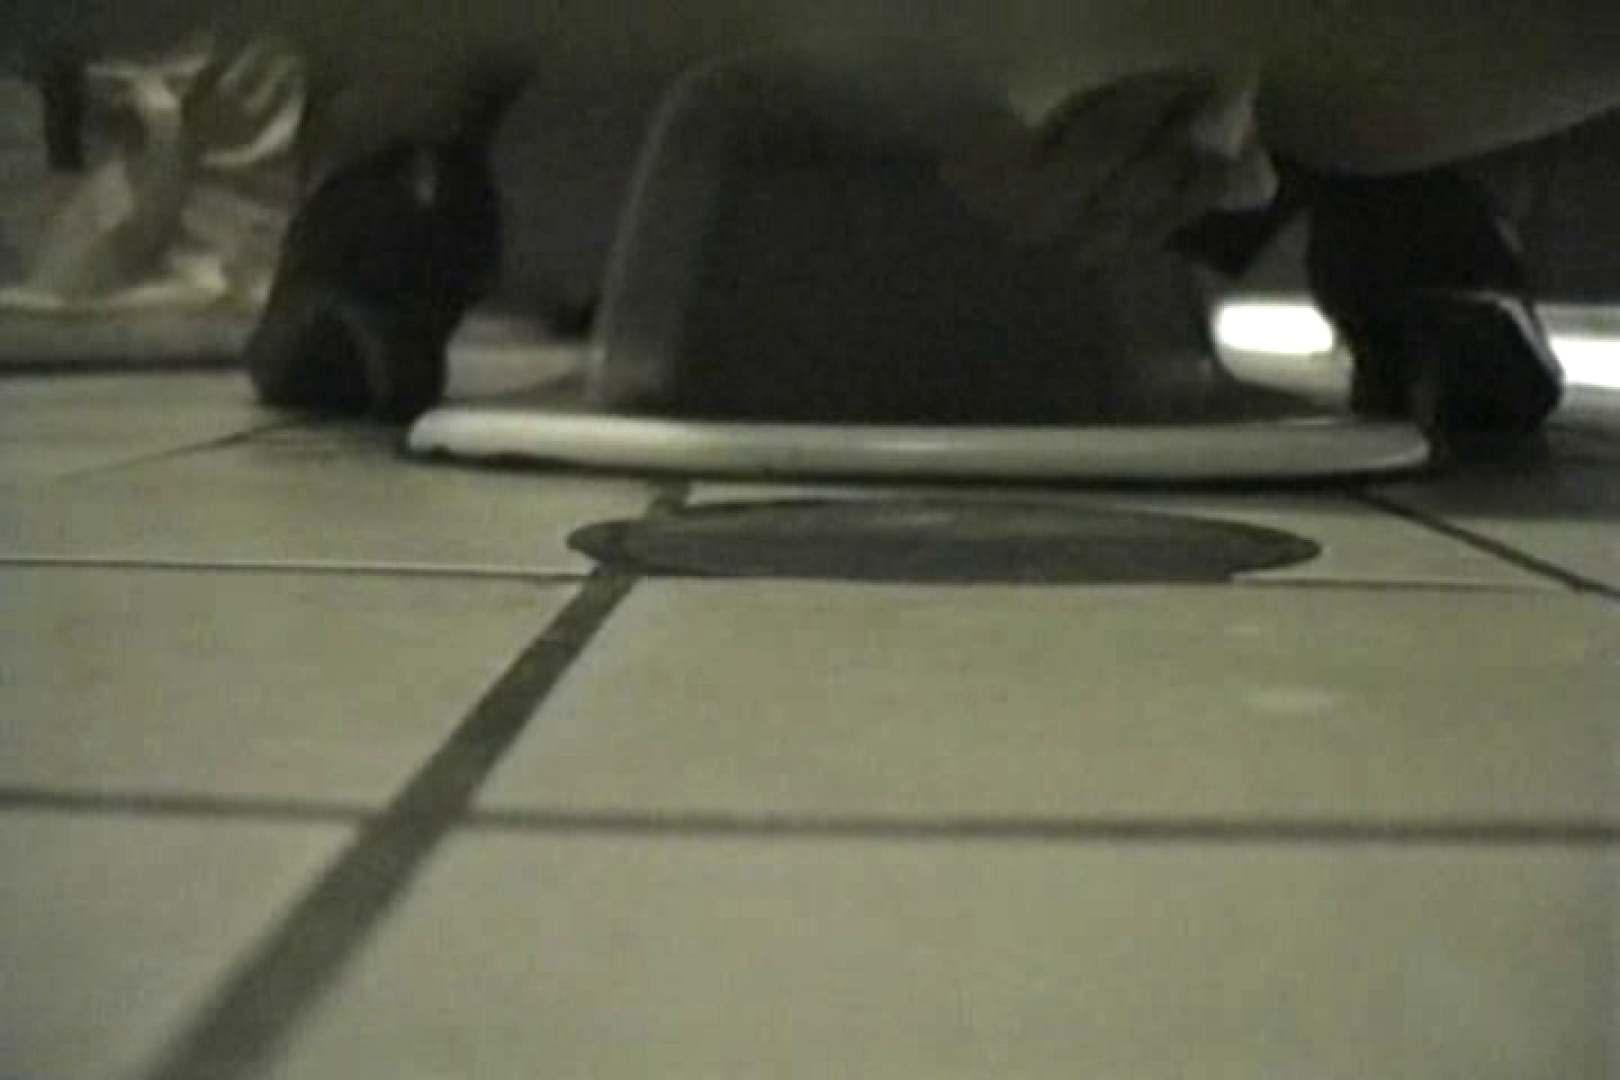 ボディコントイレで出す 投稿盗撮 TK-33 トイレの中の女の子 セックス画像 34連発 18